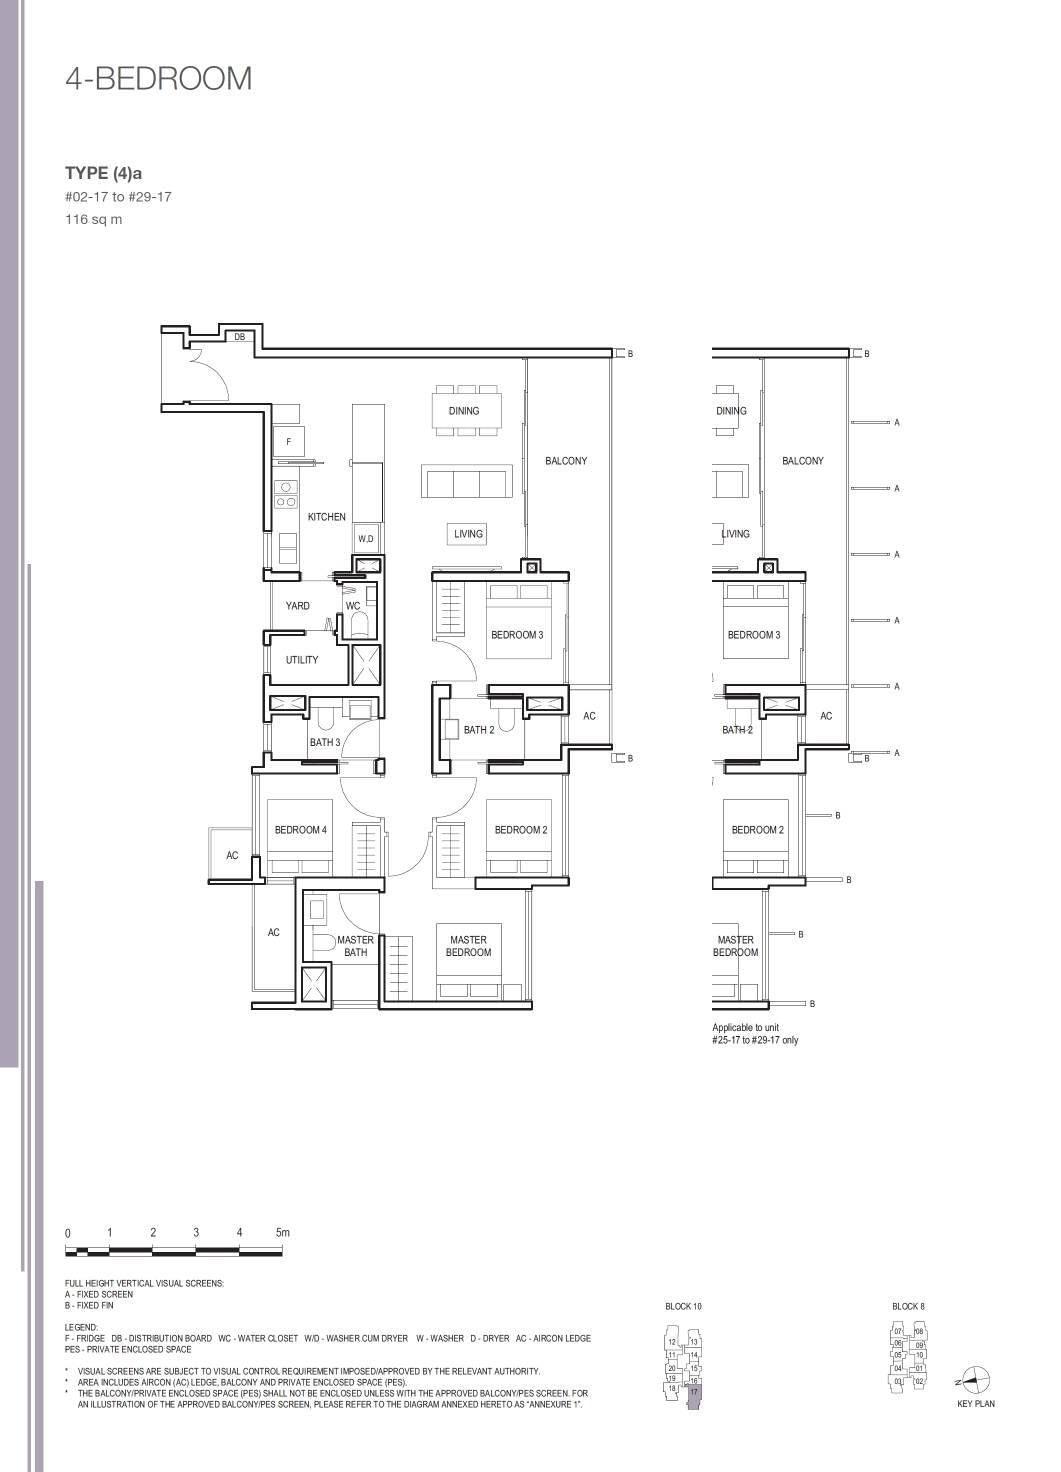 Midwood Midwood Floorplan 4a